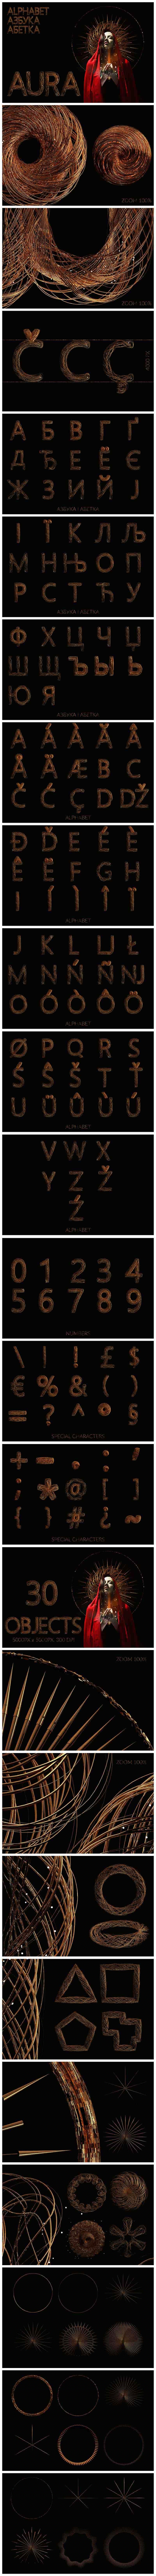 Huge Graphic Bundle Alphabet with 1000+ elements - $25 - AURA min